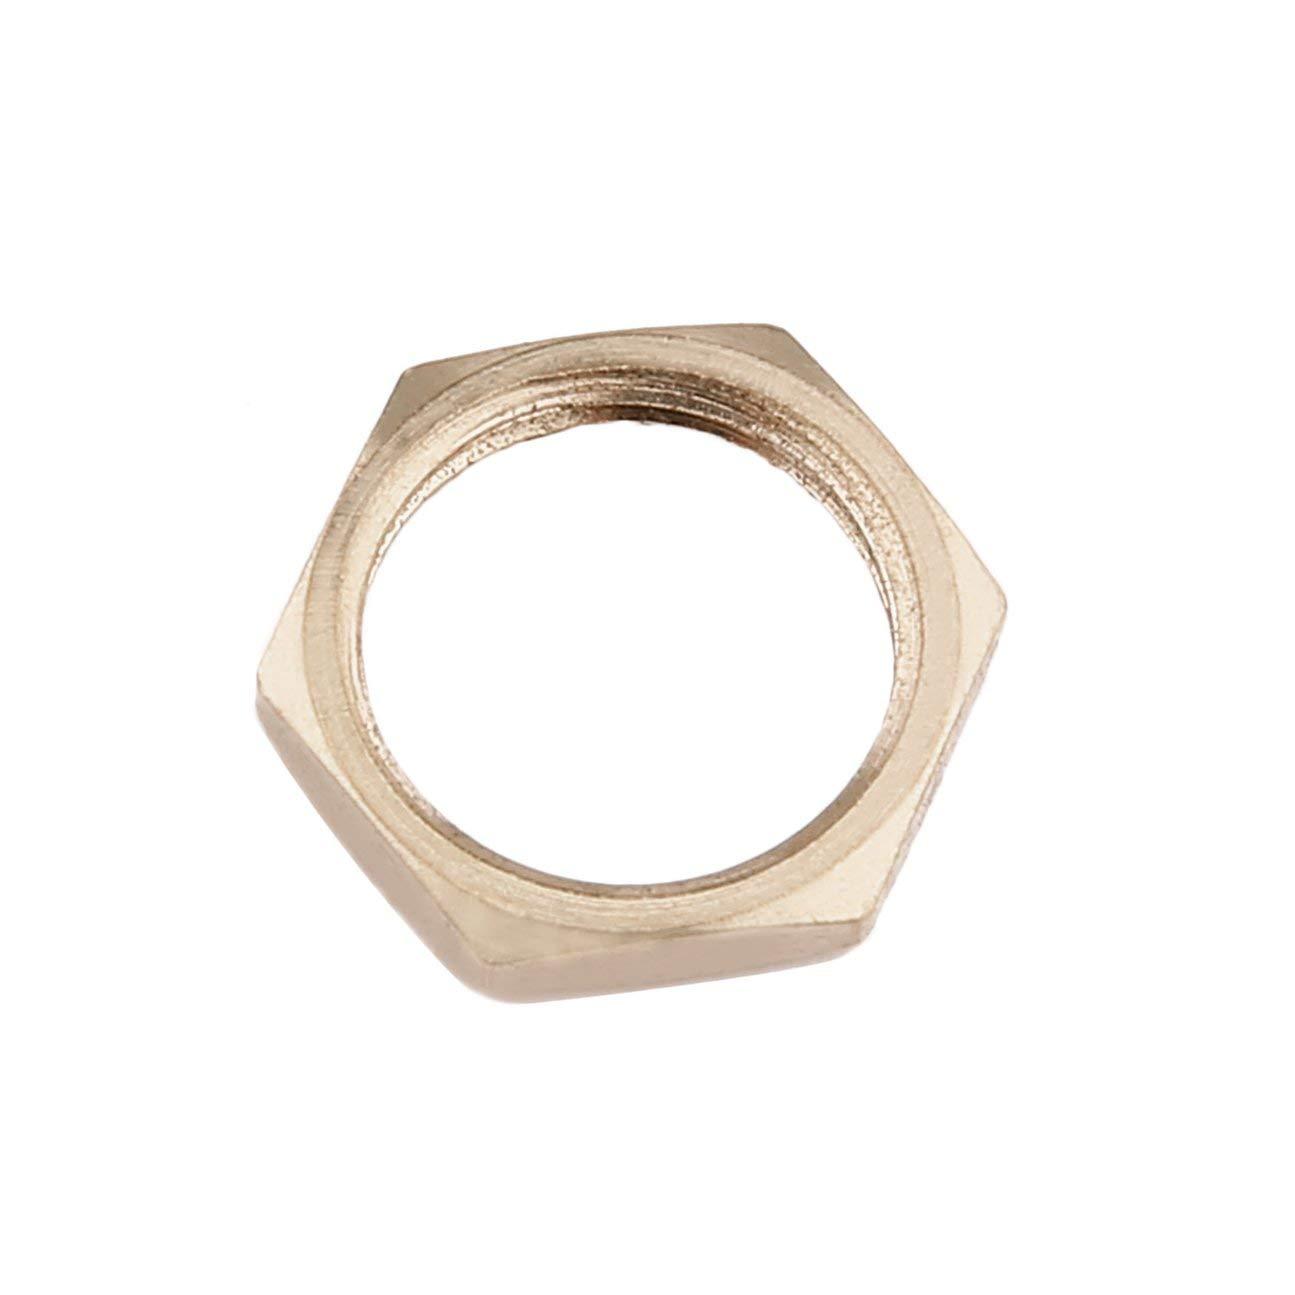 Caj/ón Tubular Cam Lock Para Art/ículos Importantes del Hogar Cilindro Puerta Puerta Buz/ón Gabinete Herramienta Con 2 Llaves MS102 plateado